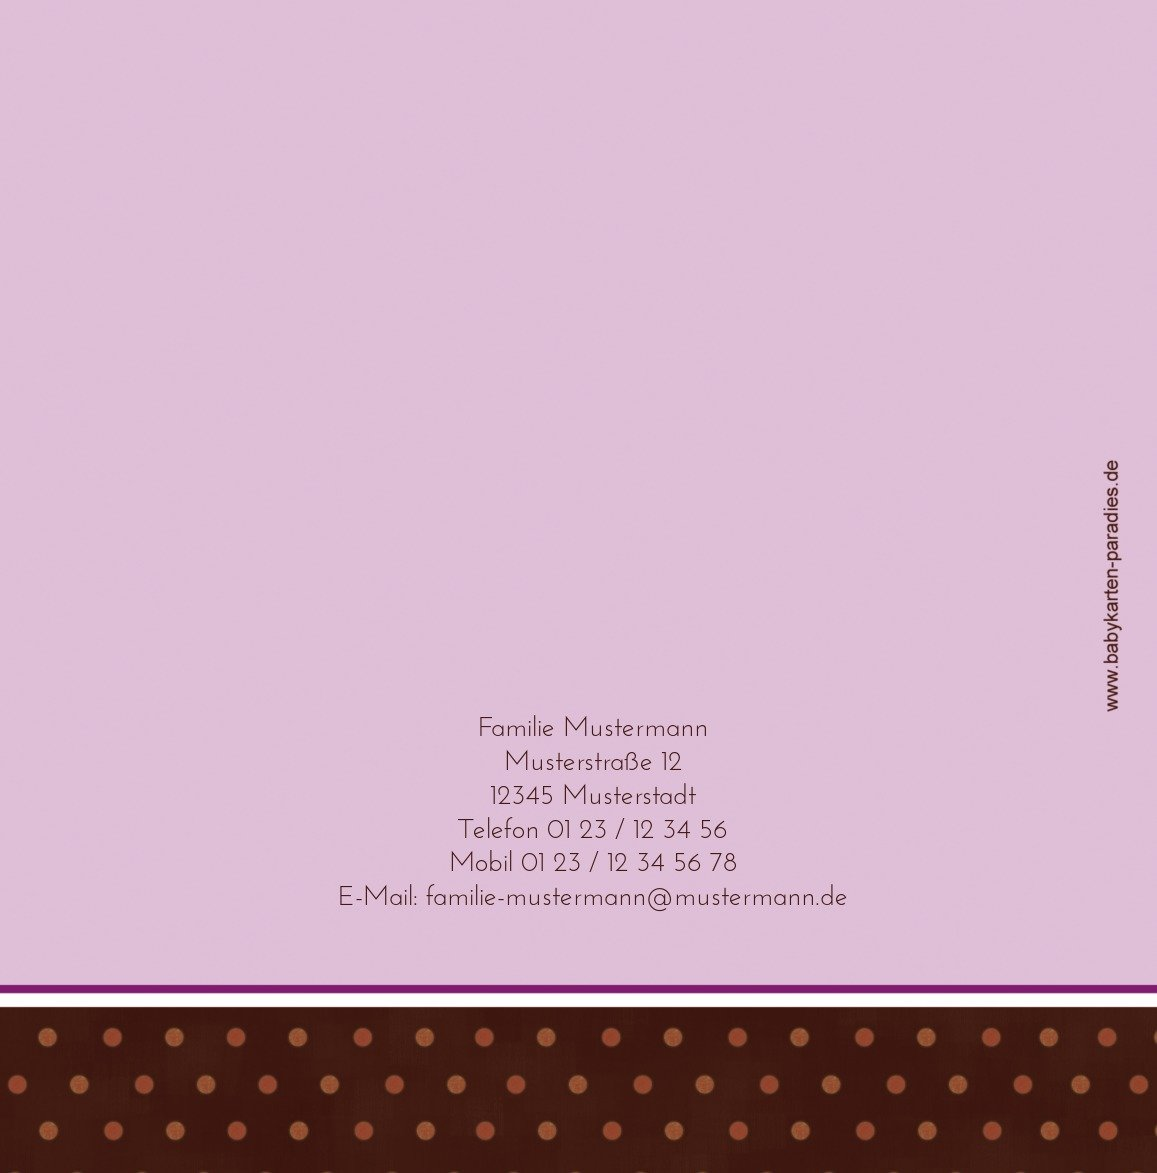 Kartenparadies Einladungskarte zur Kommunion Kommunionskarte Kreuzhostie, hochwertige Einladung als Kommunionskarte Kommunionskarte Kommunionskarte inklusive Umschläge   10 Karten - (Format  145x145 mm) Farbe  MattGrün B01N9XFKA8 | Offizielle Webseite  | Fein Verarbeitet  |  a3de6c